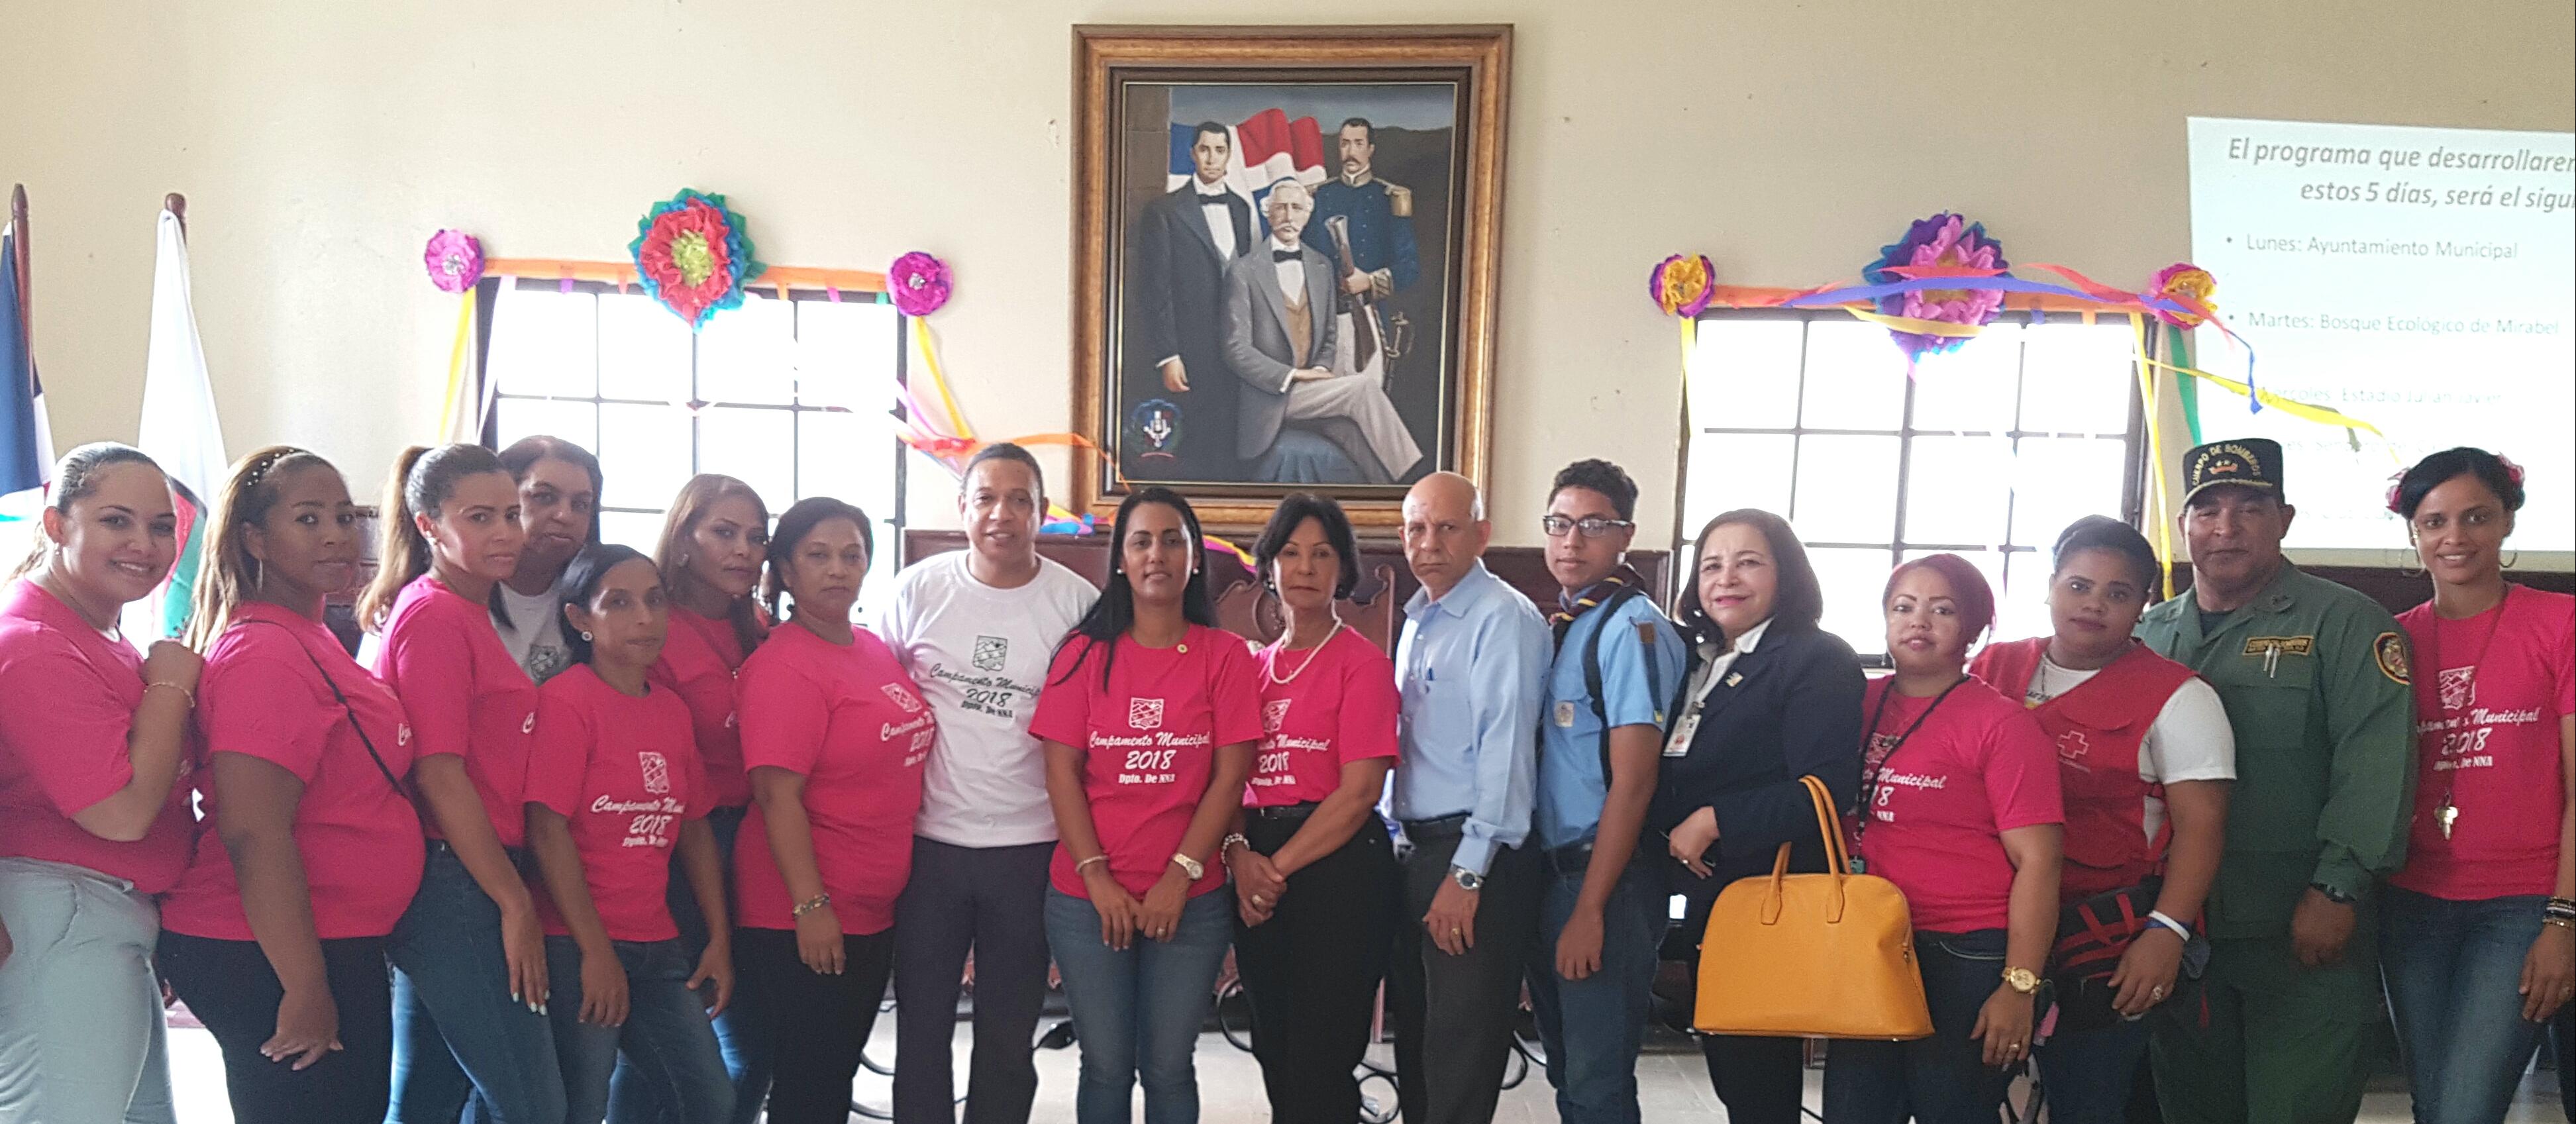 Ayuntamiento SFM apertura Campamento Municipal con la participaron de 100 niños y niñas